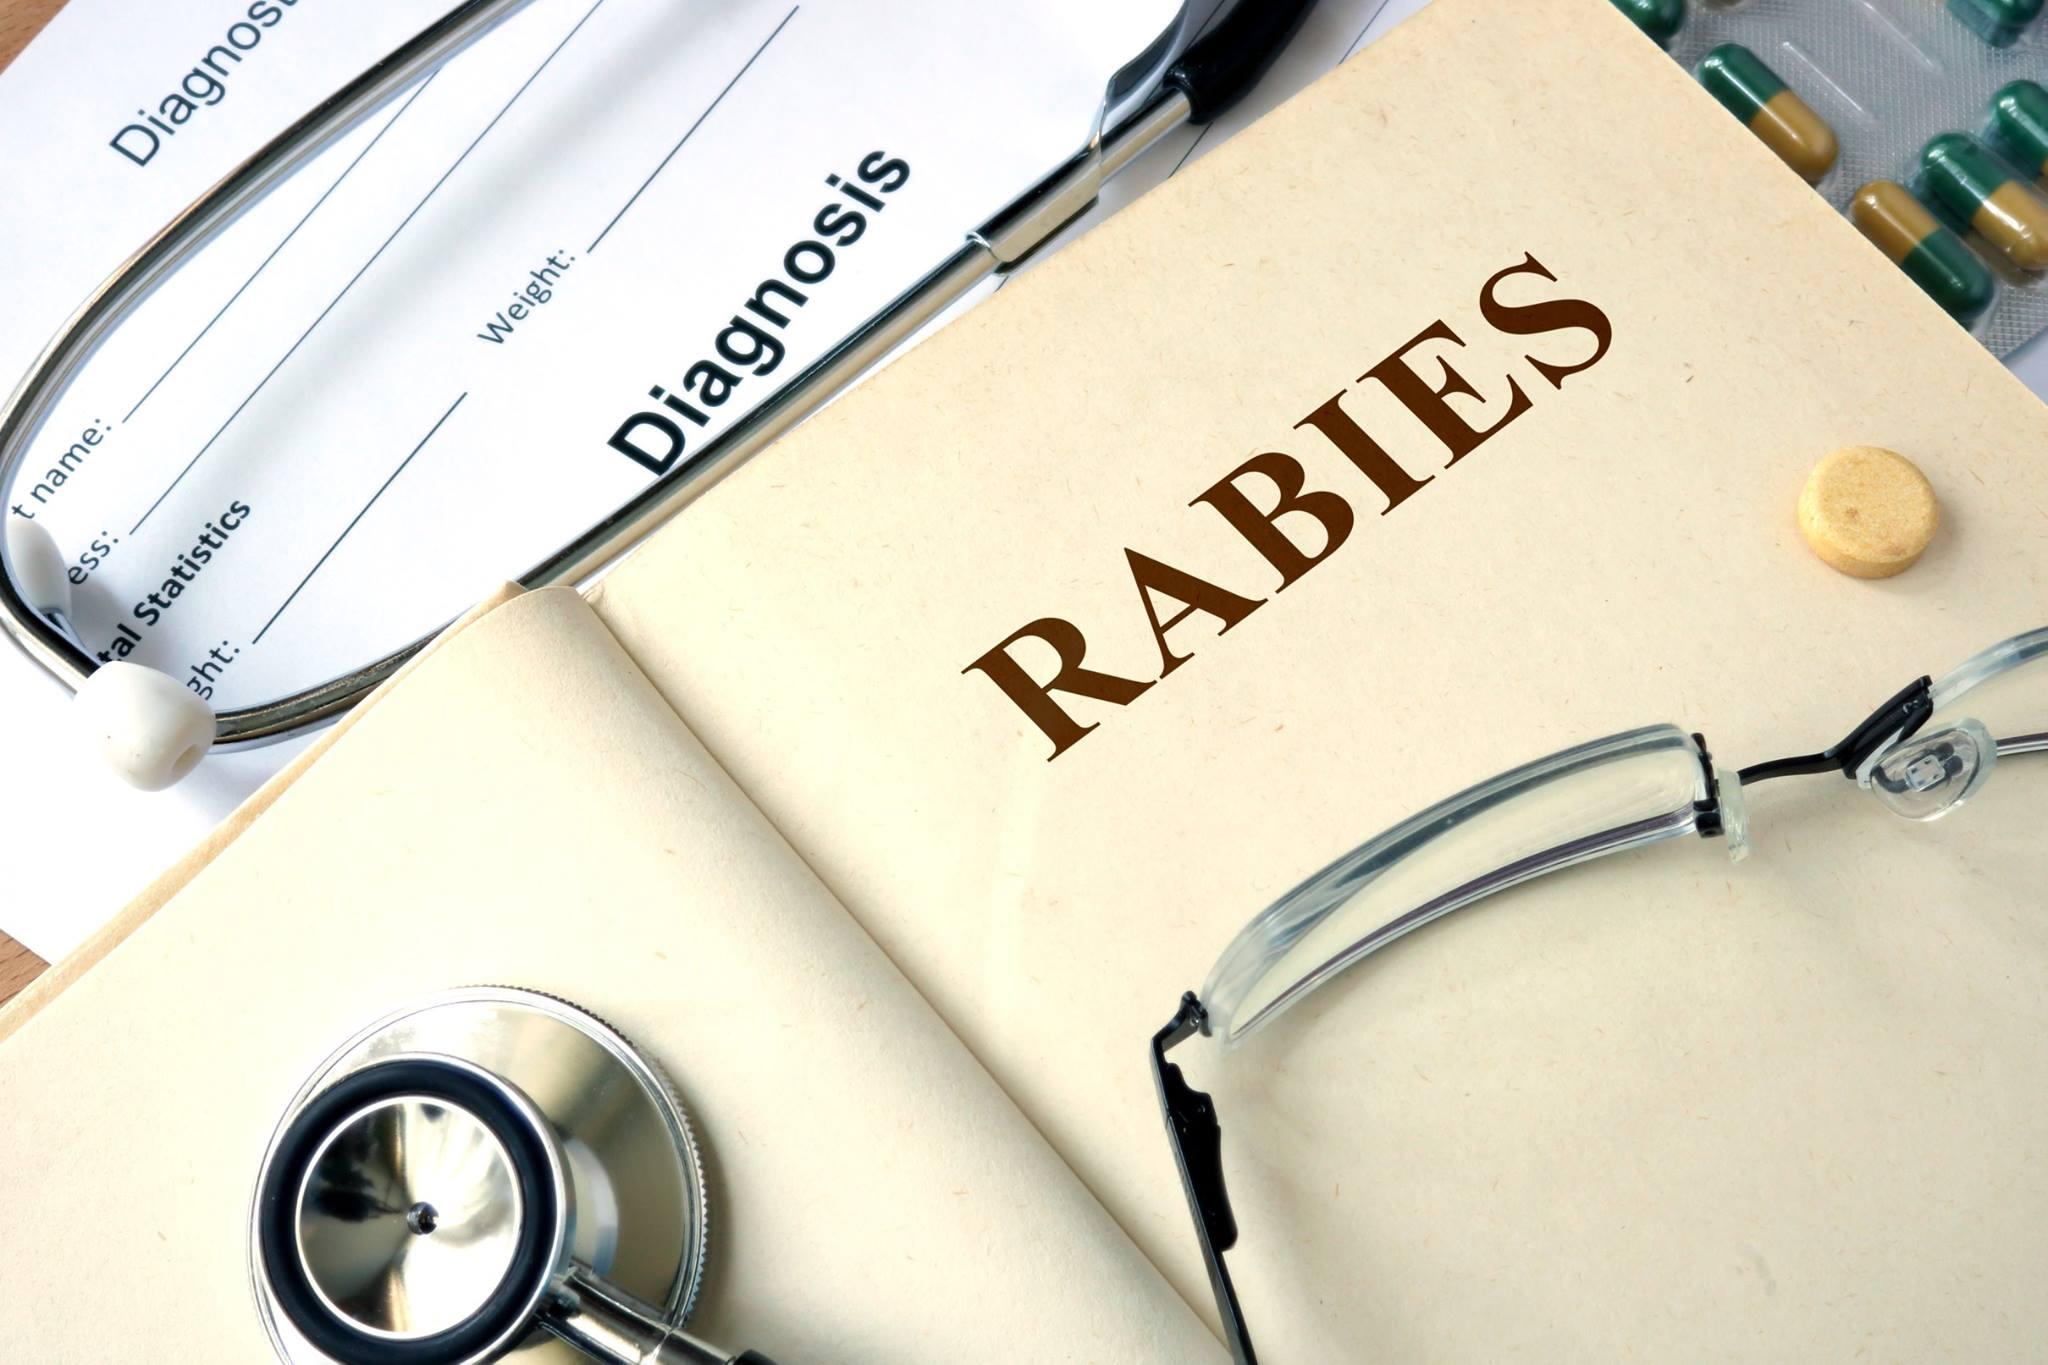 rabies_191877